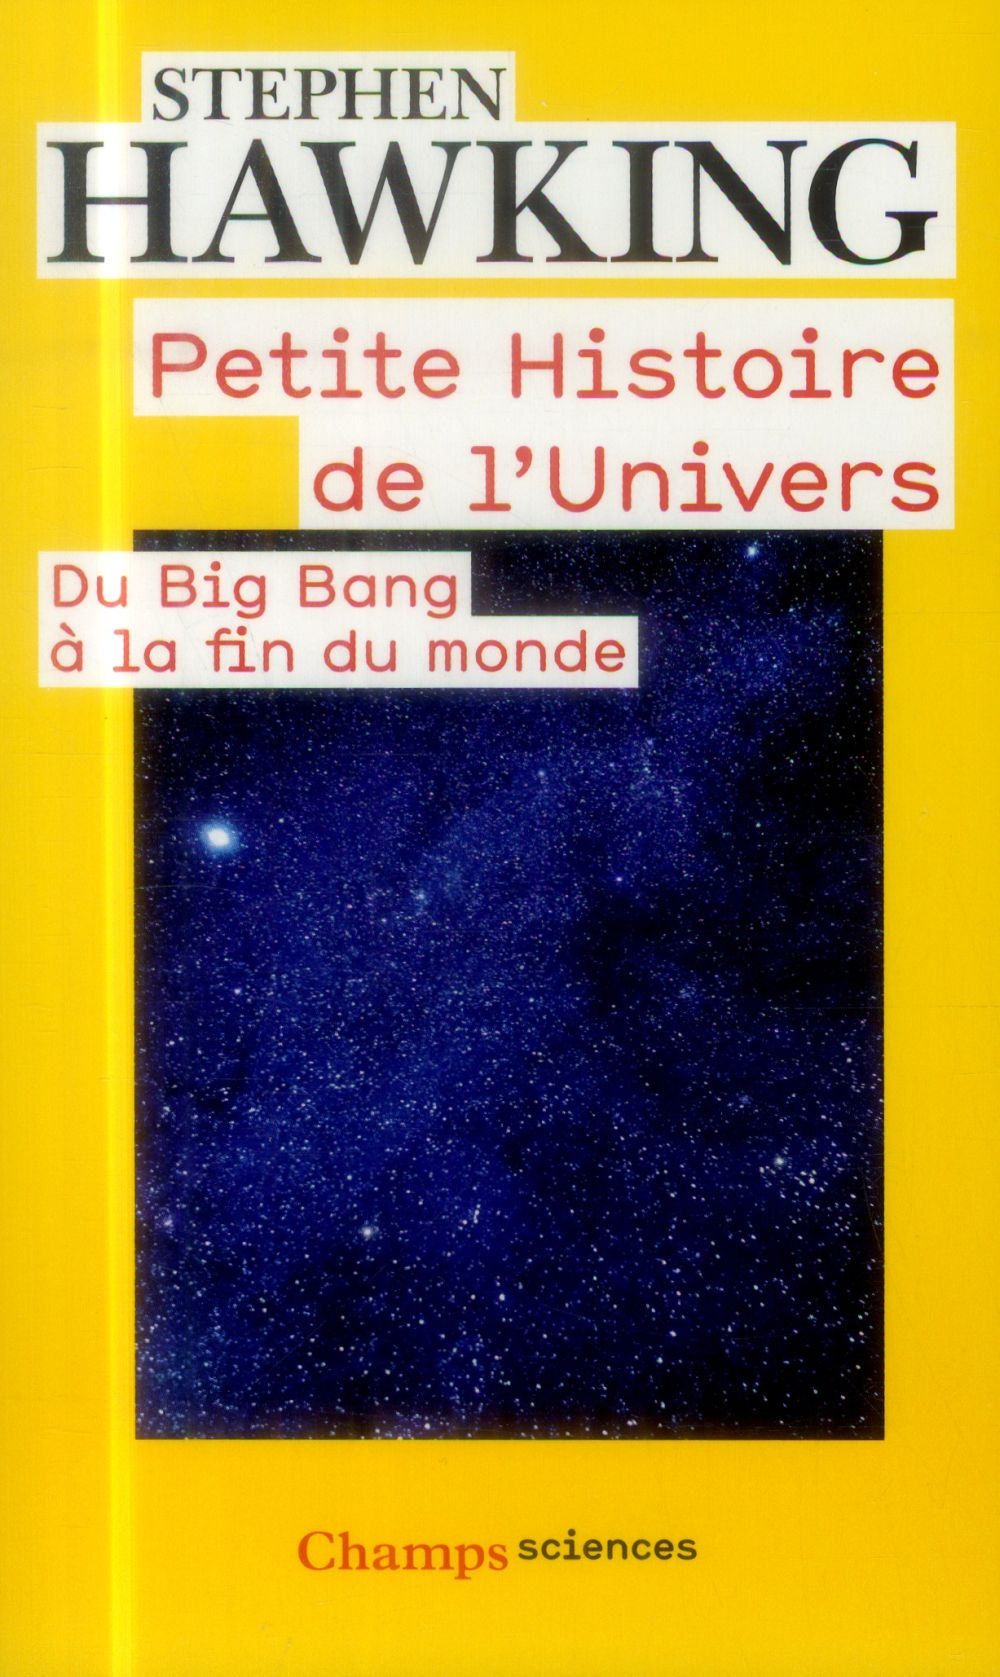 petite histoire de l'univers ; du big bang à la fin du monde